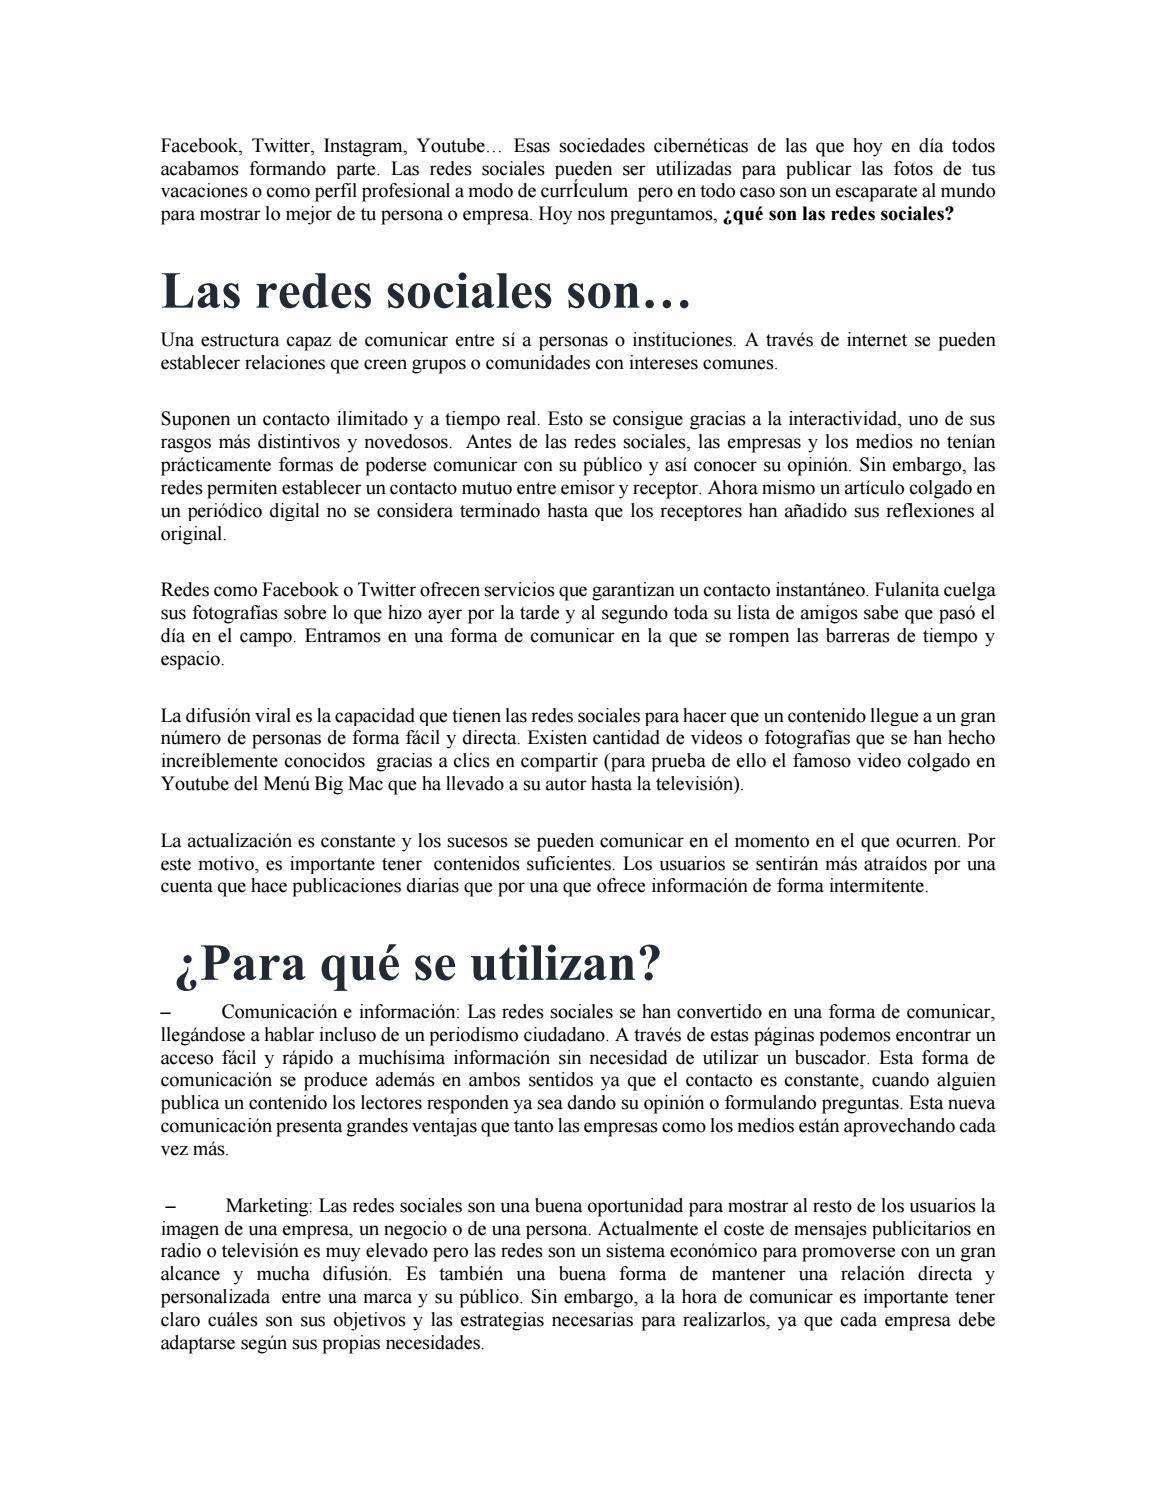 Janier 8 5 by Janier Garcia - issuu